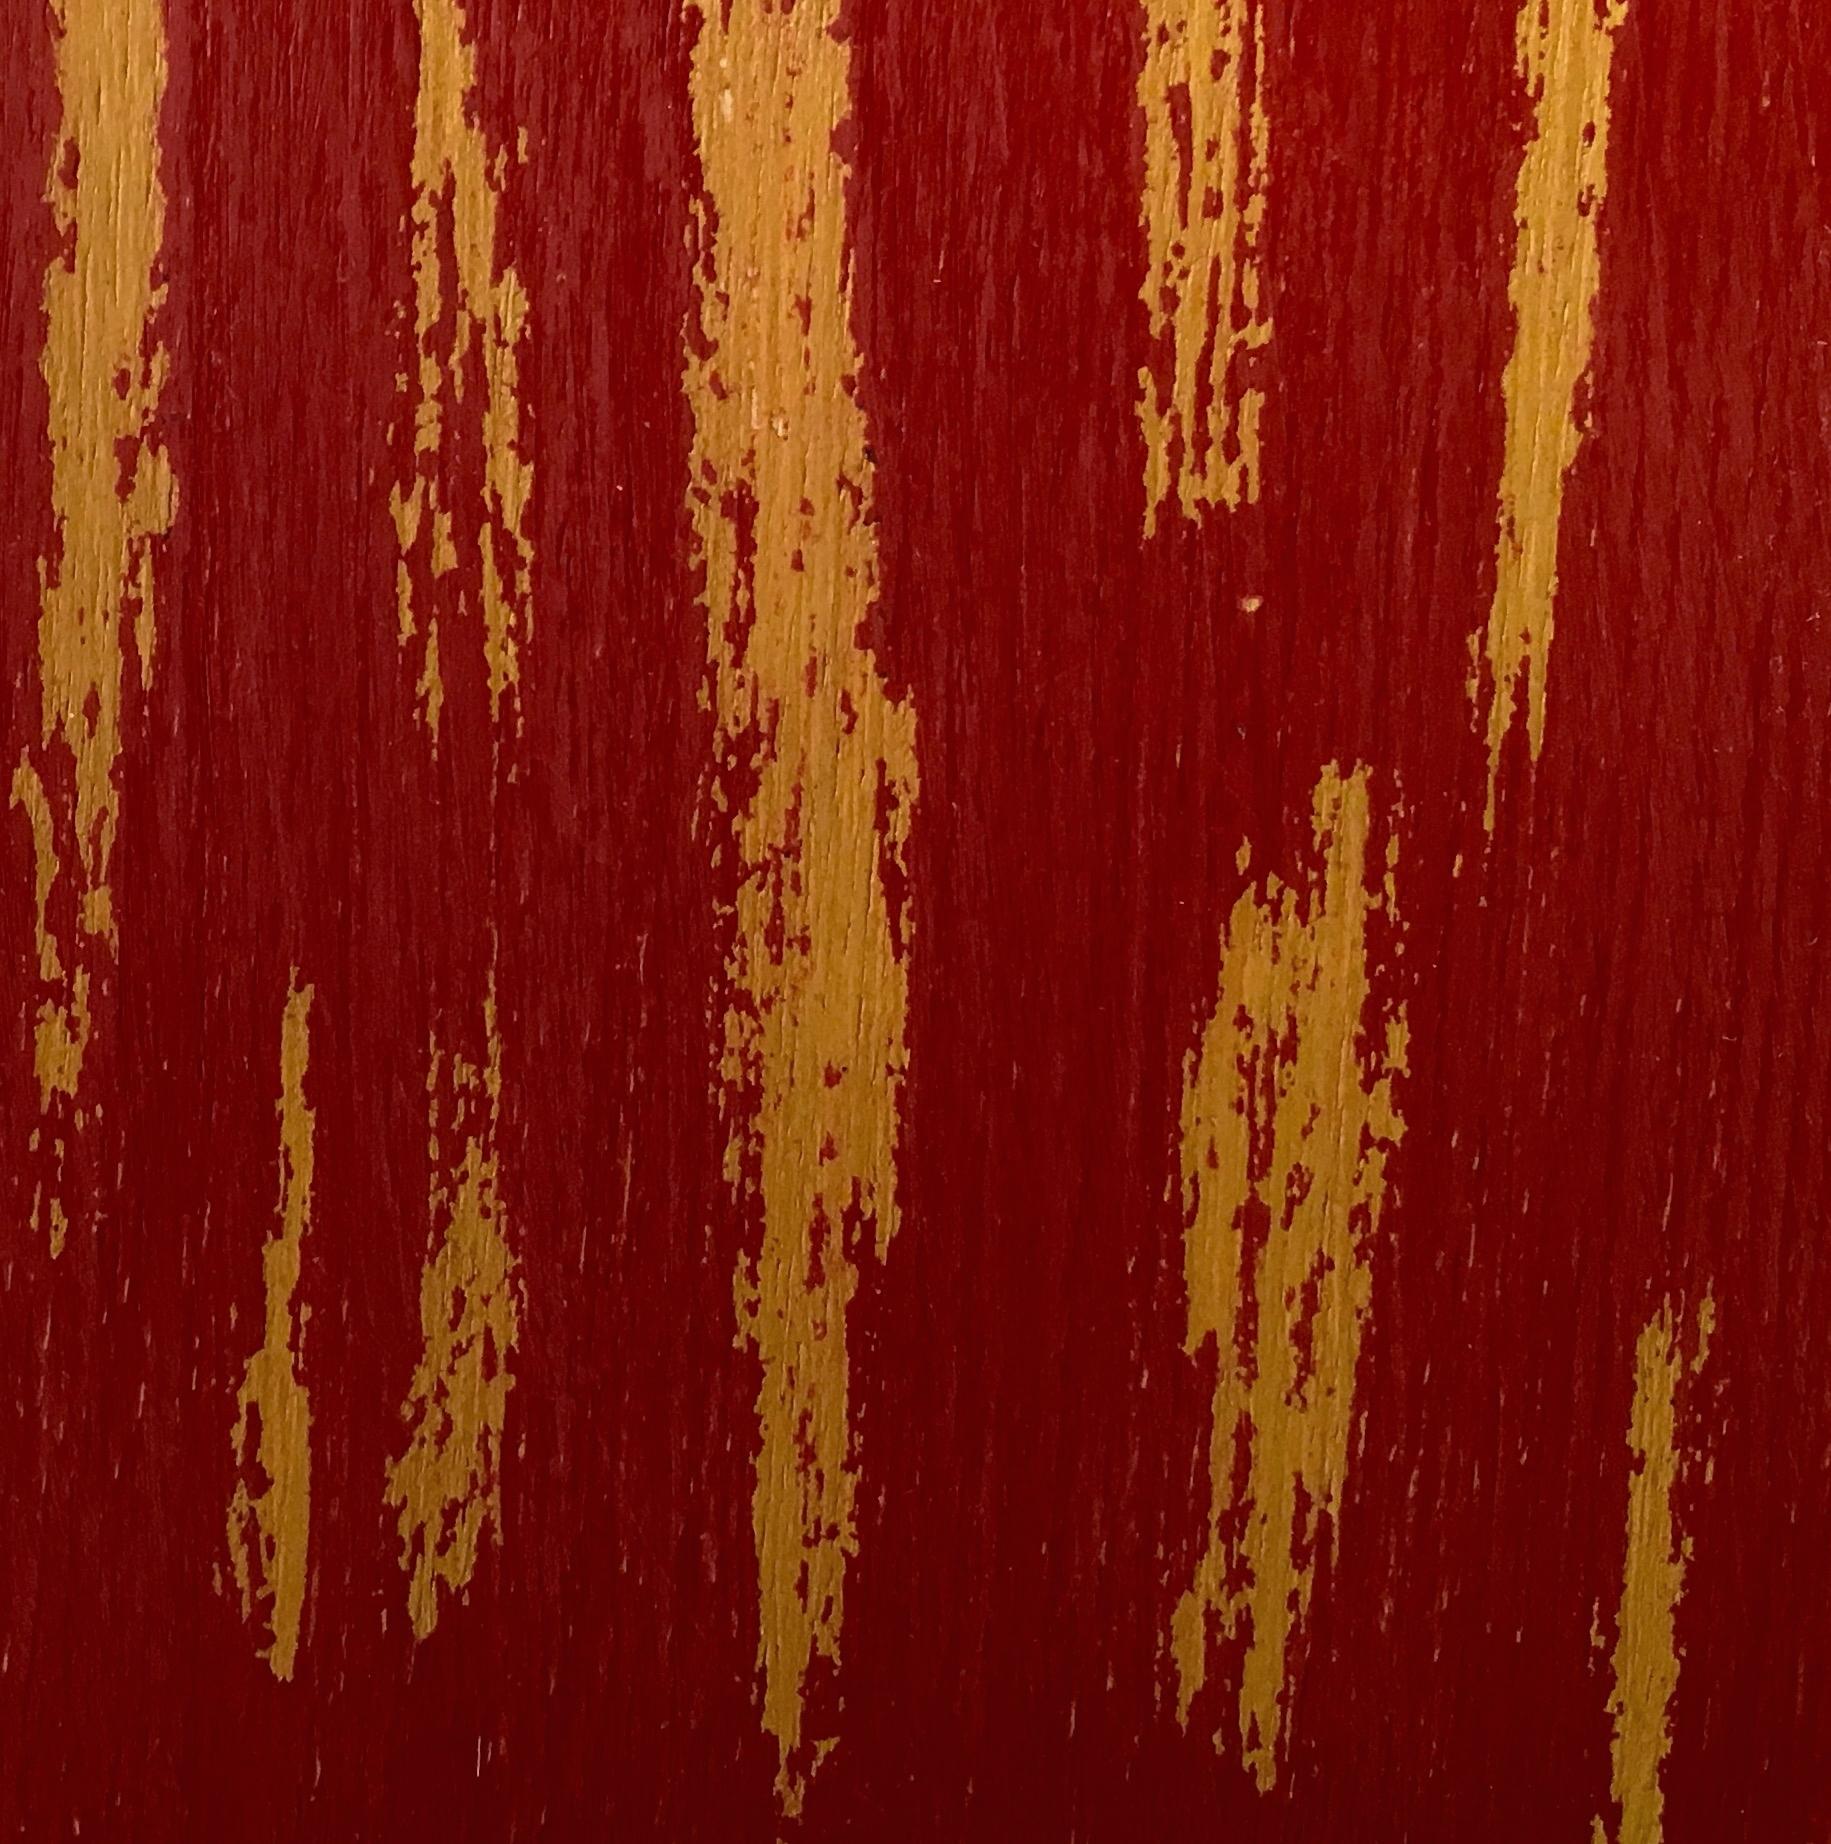 Crimson red over Mustard yellow